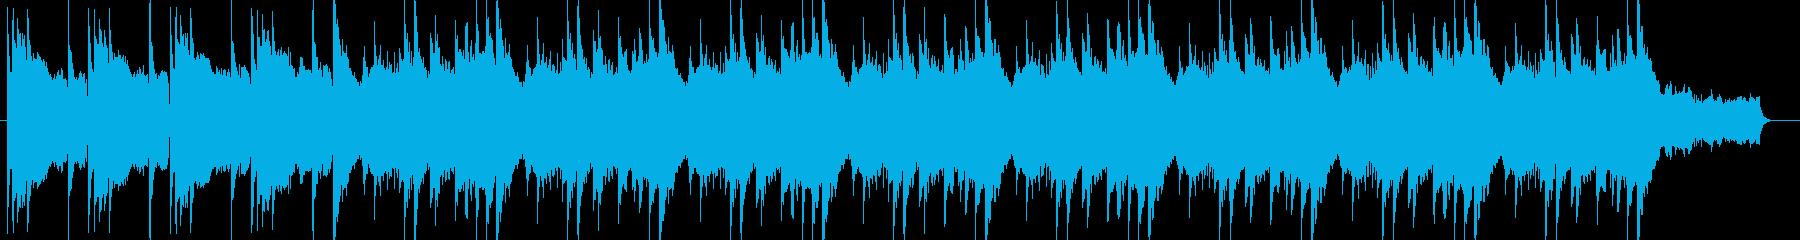 ピアノとバイオリンによるゆったりした曲の再生済みの波形